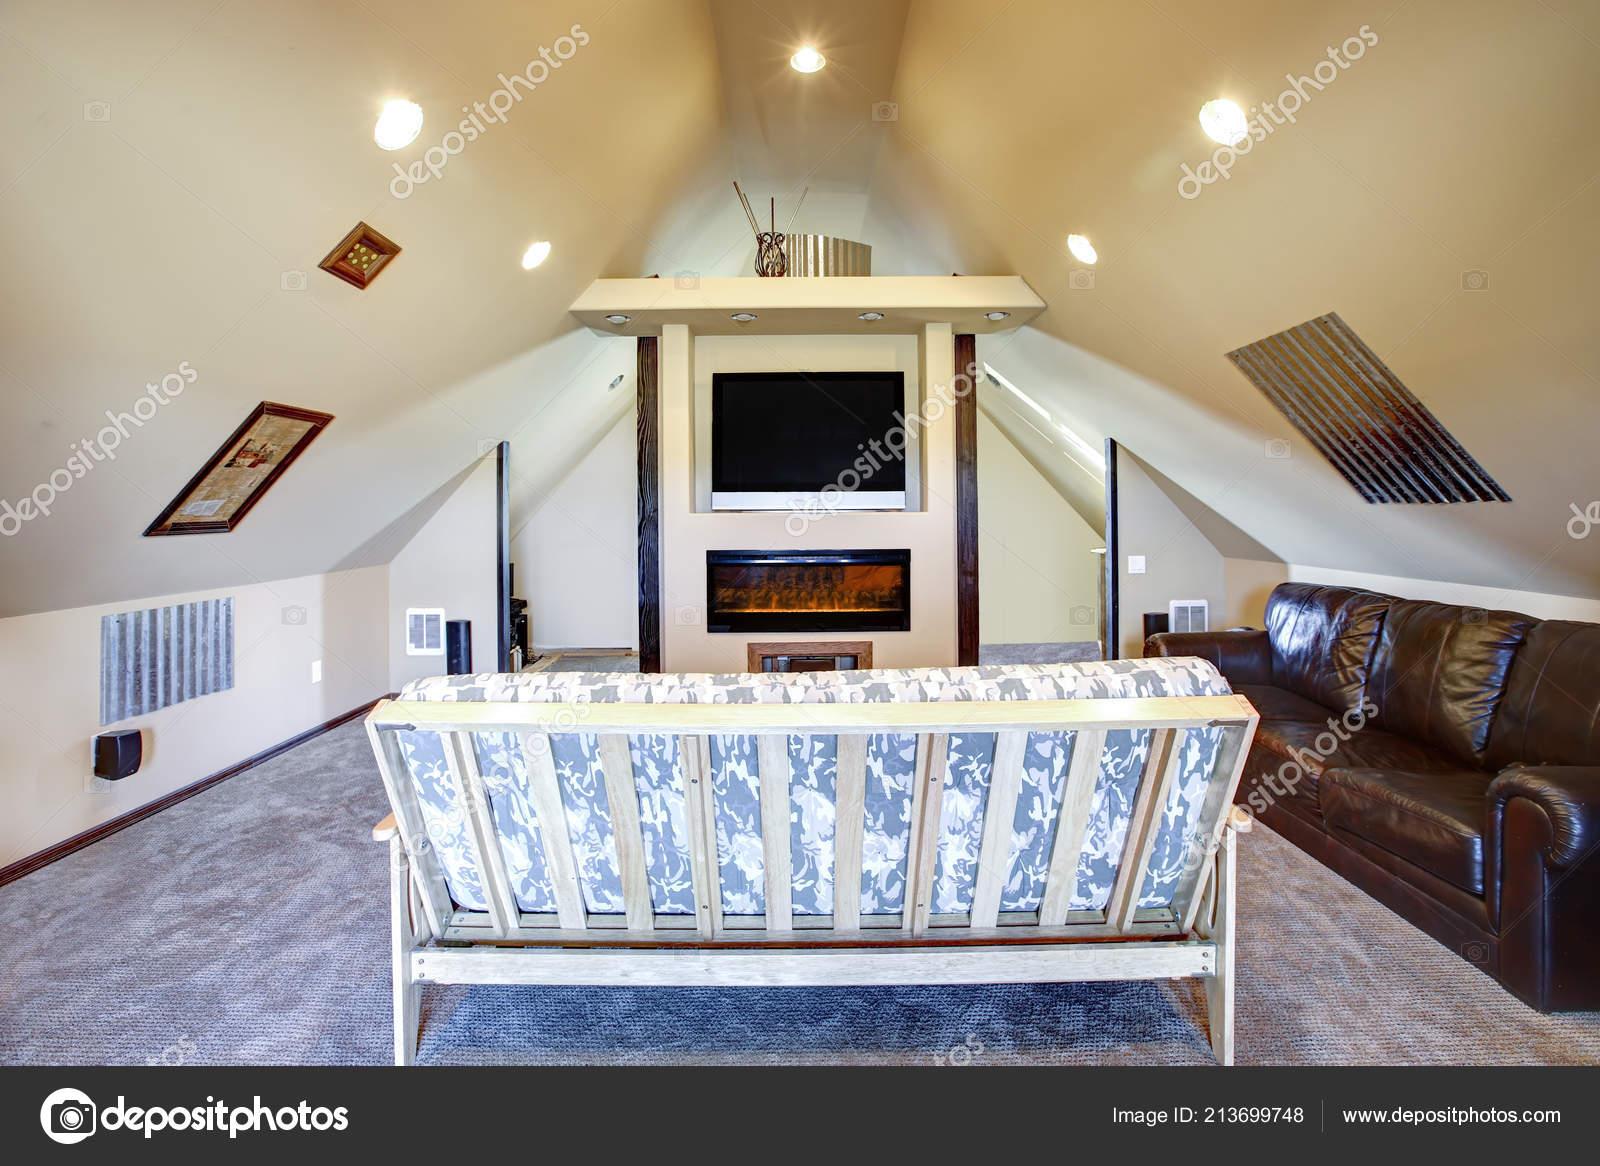 Schickes Dachgeschoss Wohnzimmer Mit Dachschräge Ranch Haus ...